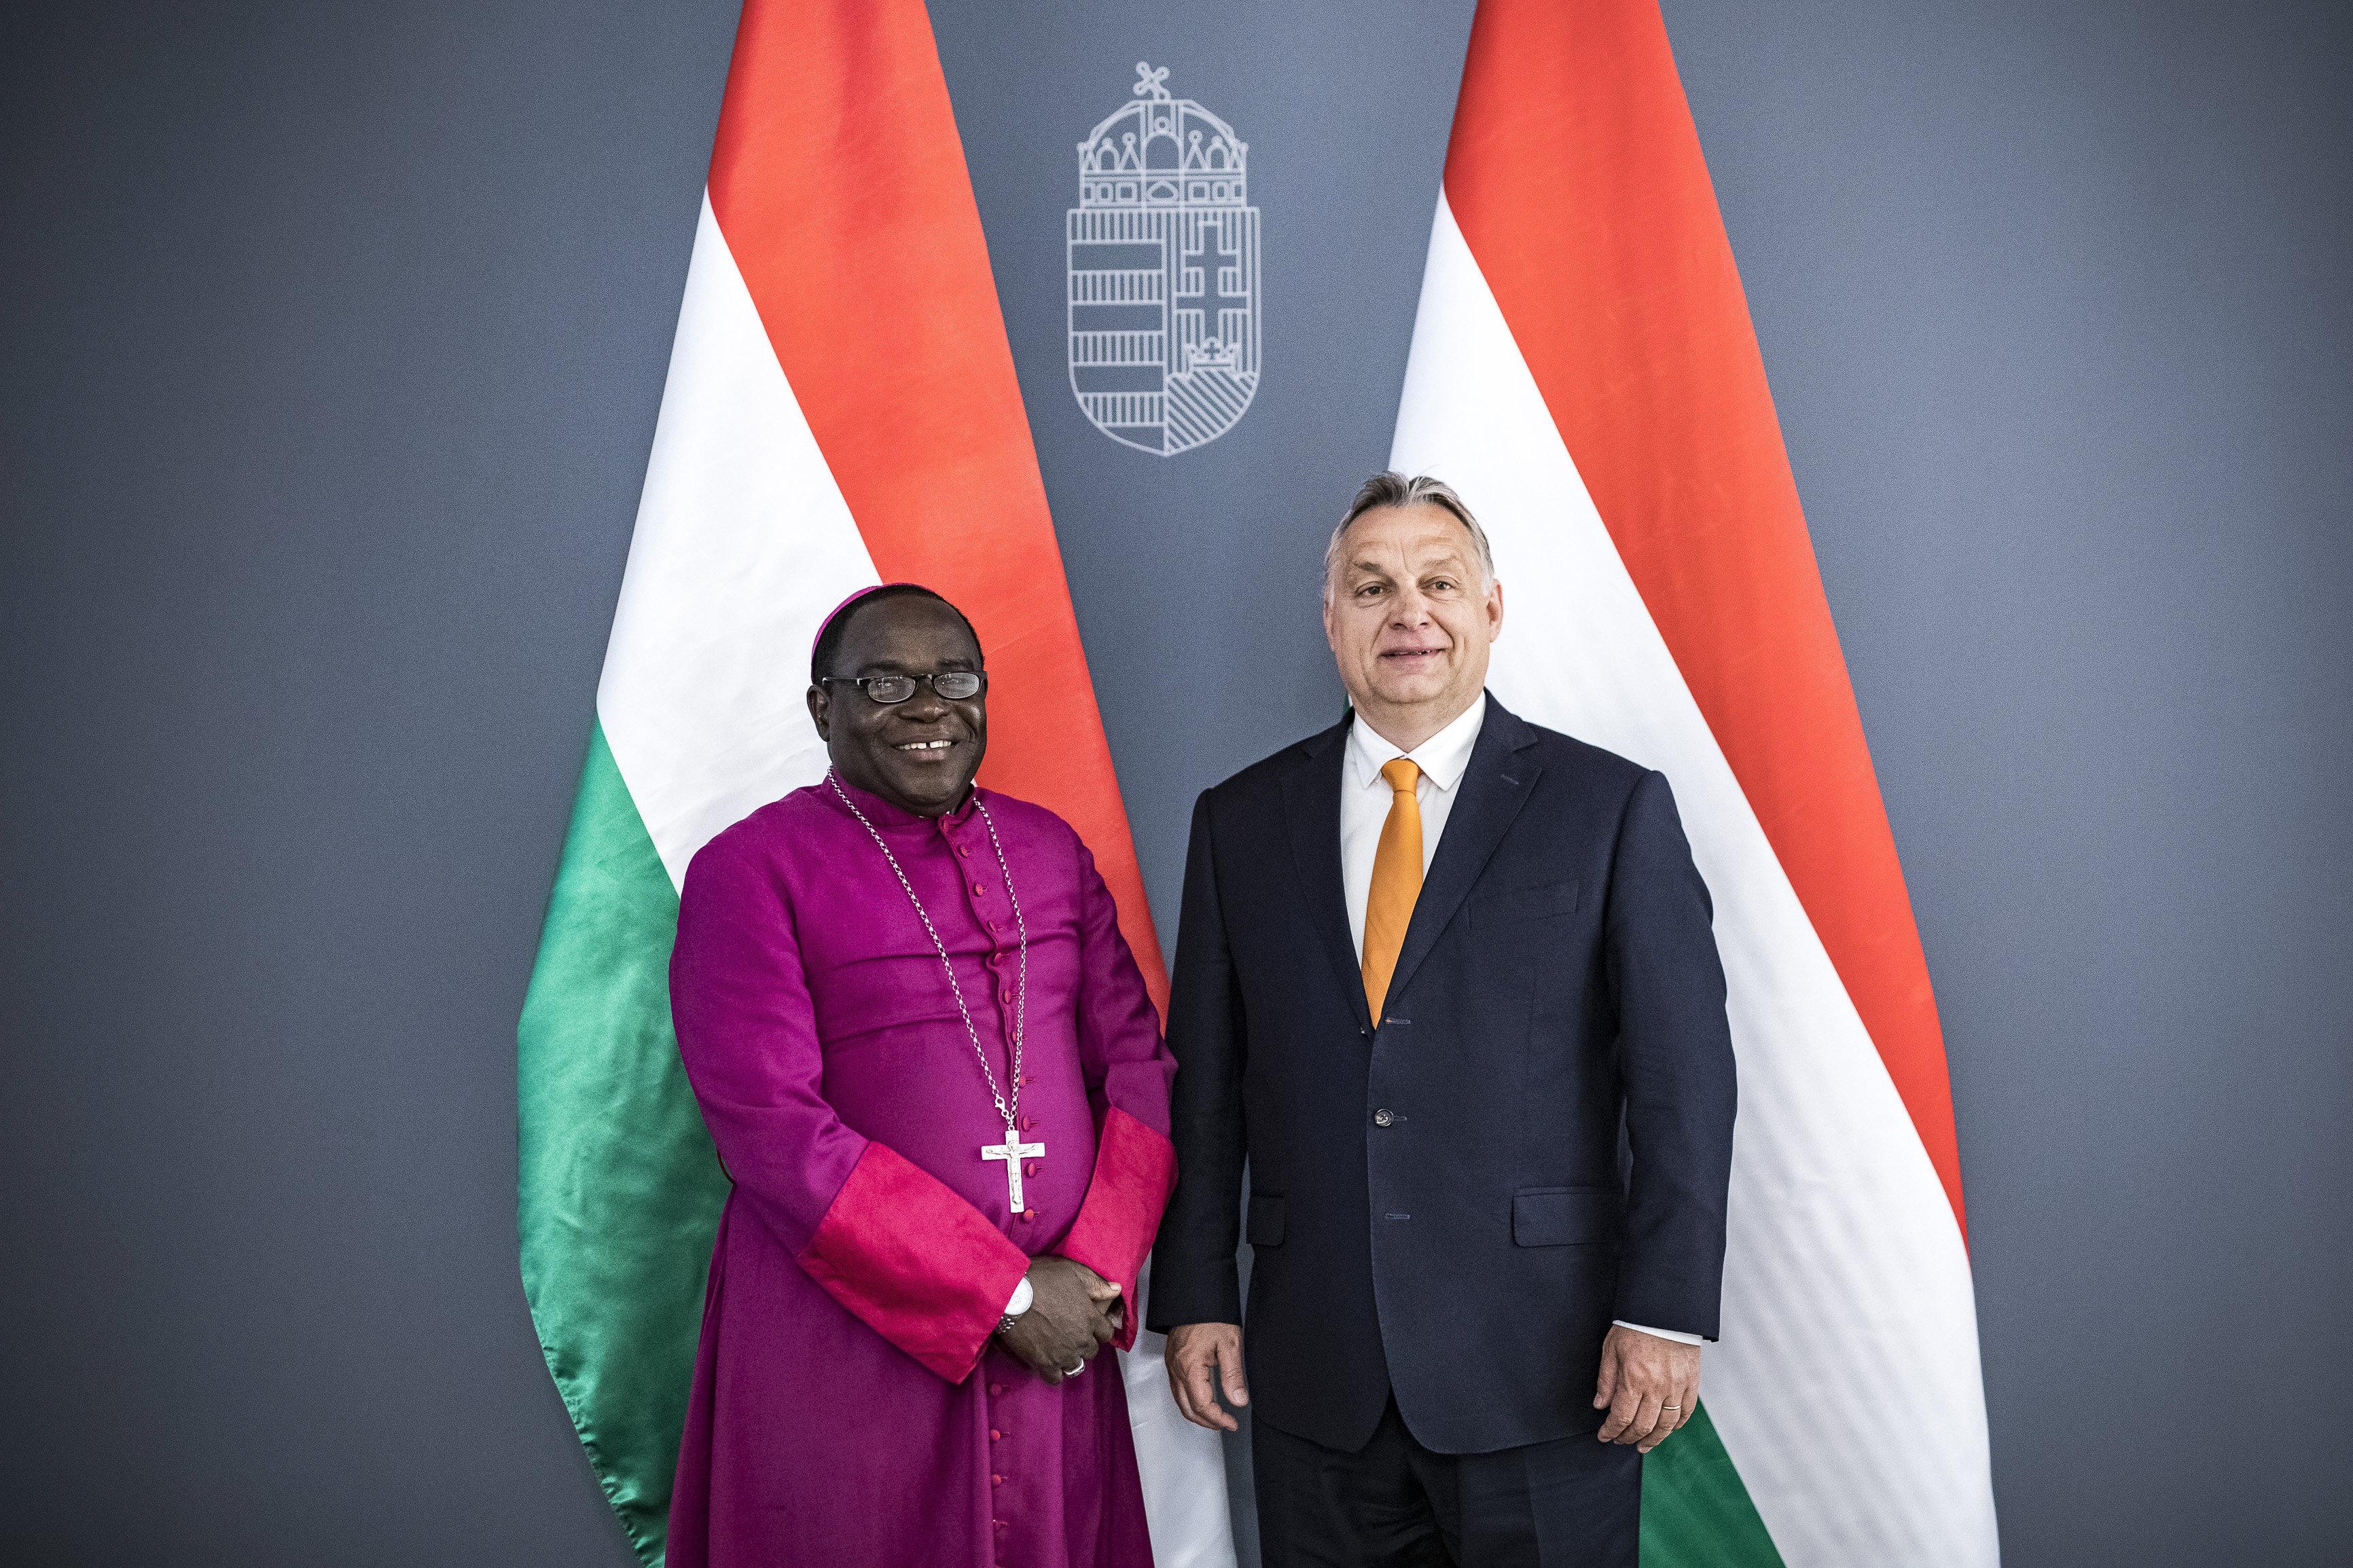 Orbán nigériai keresztény vezetőket fogadott